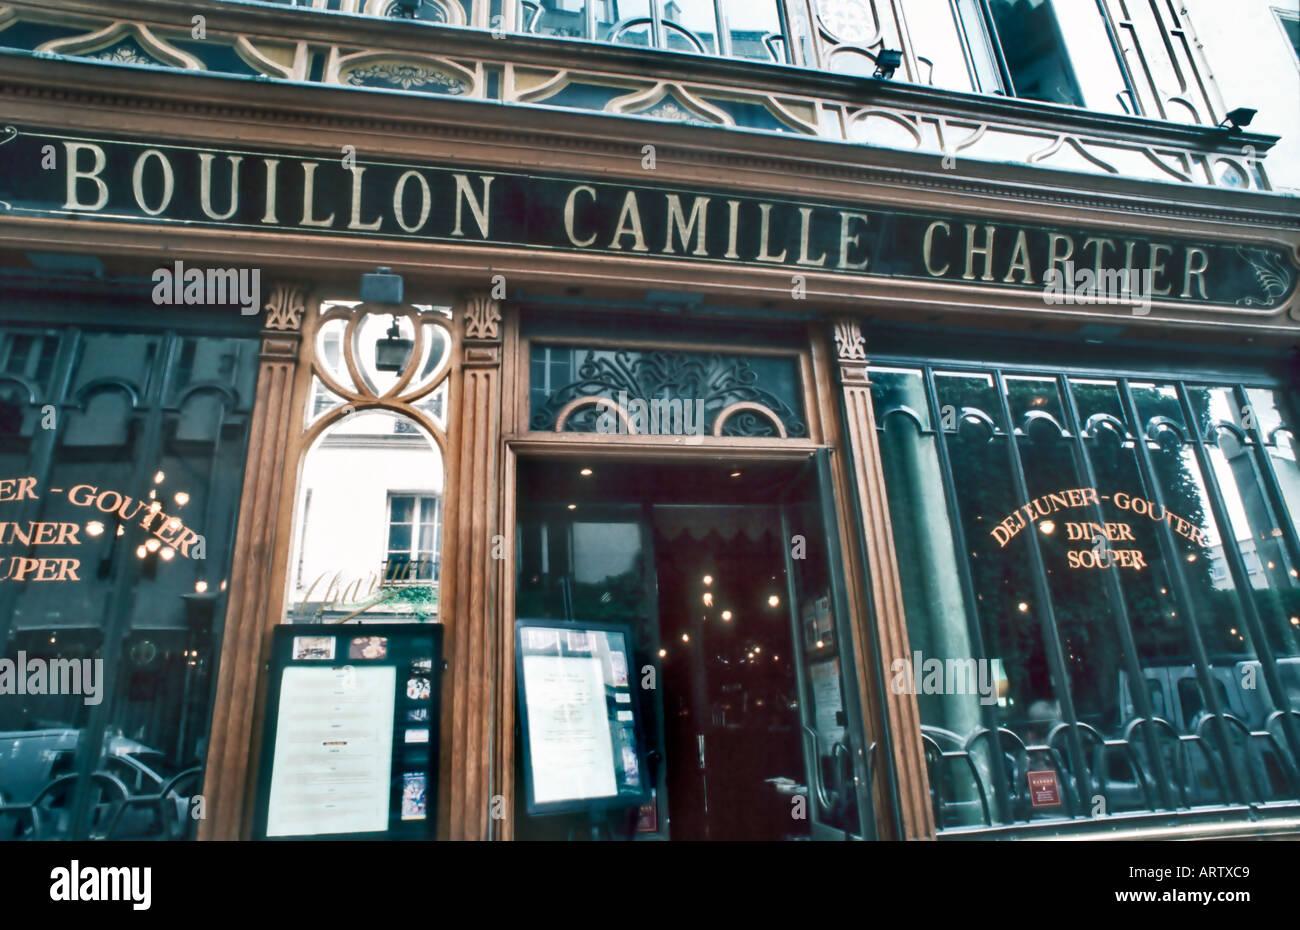 Deco Architektur frankreich traditionelle belgische restaurant bouillon